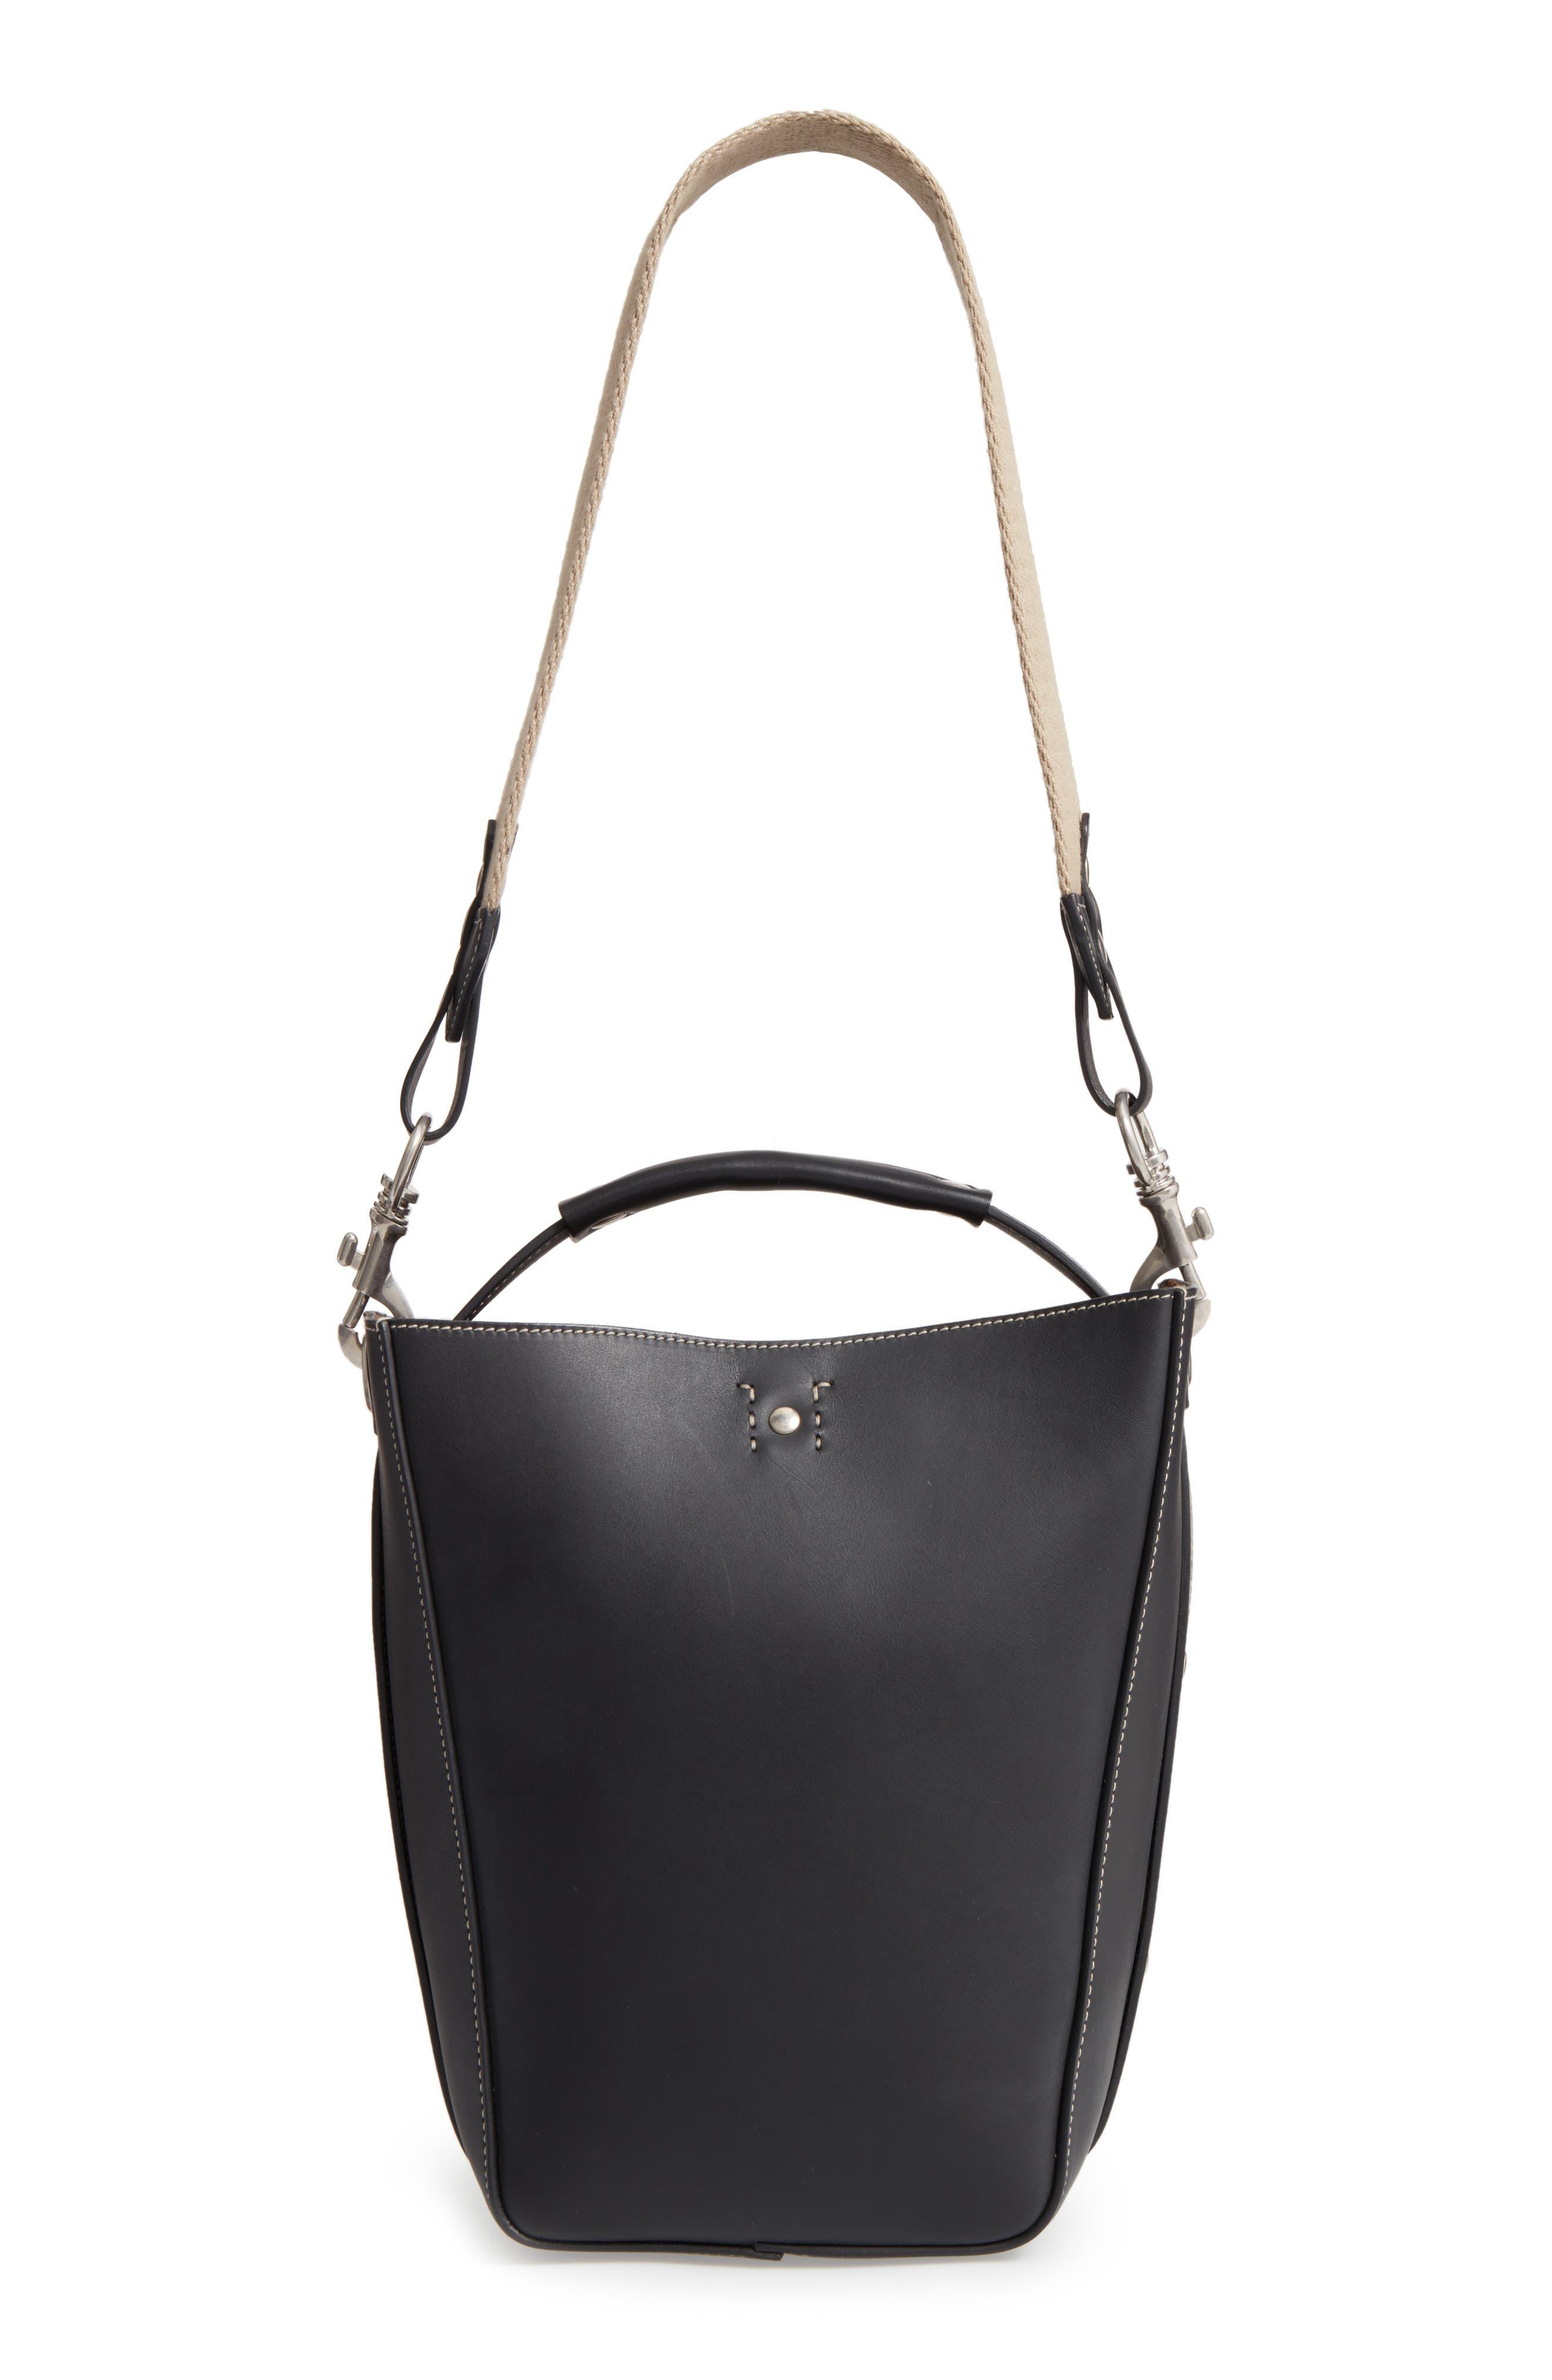 GHURKA Starlet Leather Bucket Bag, Main, color, 001